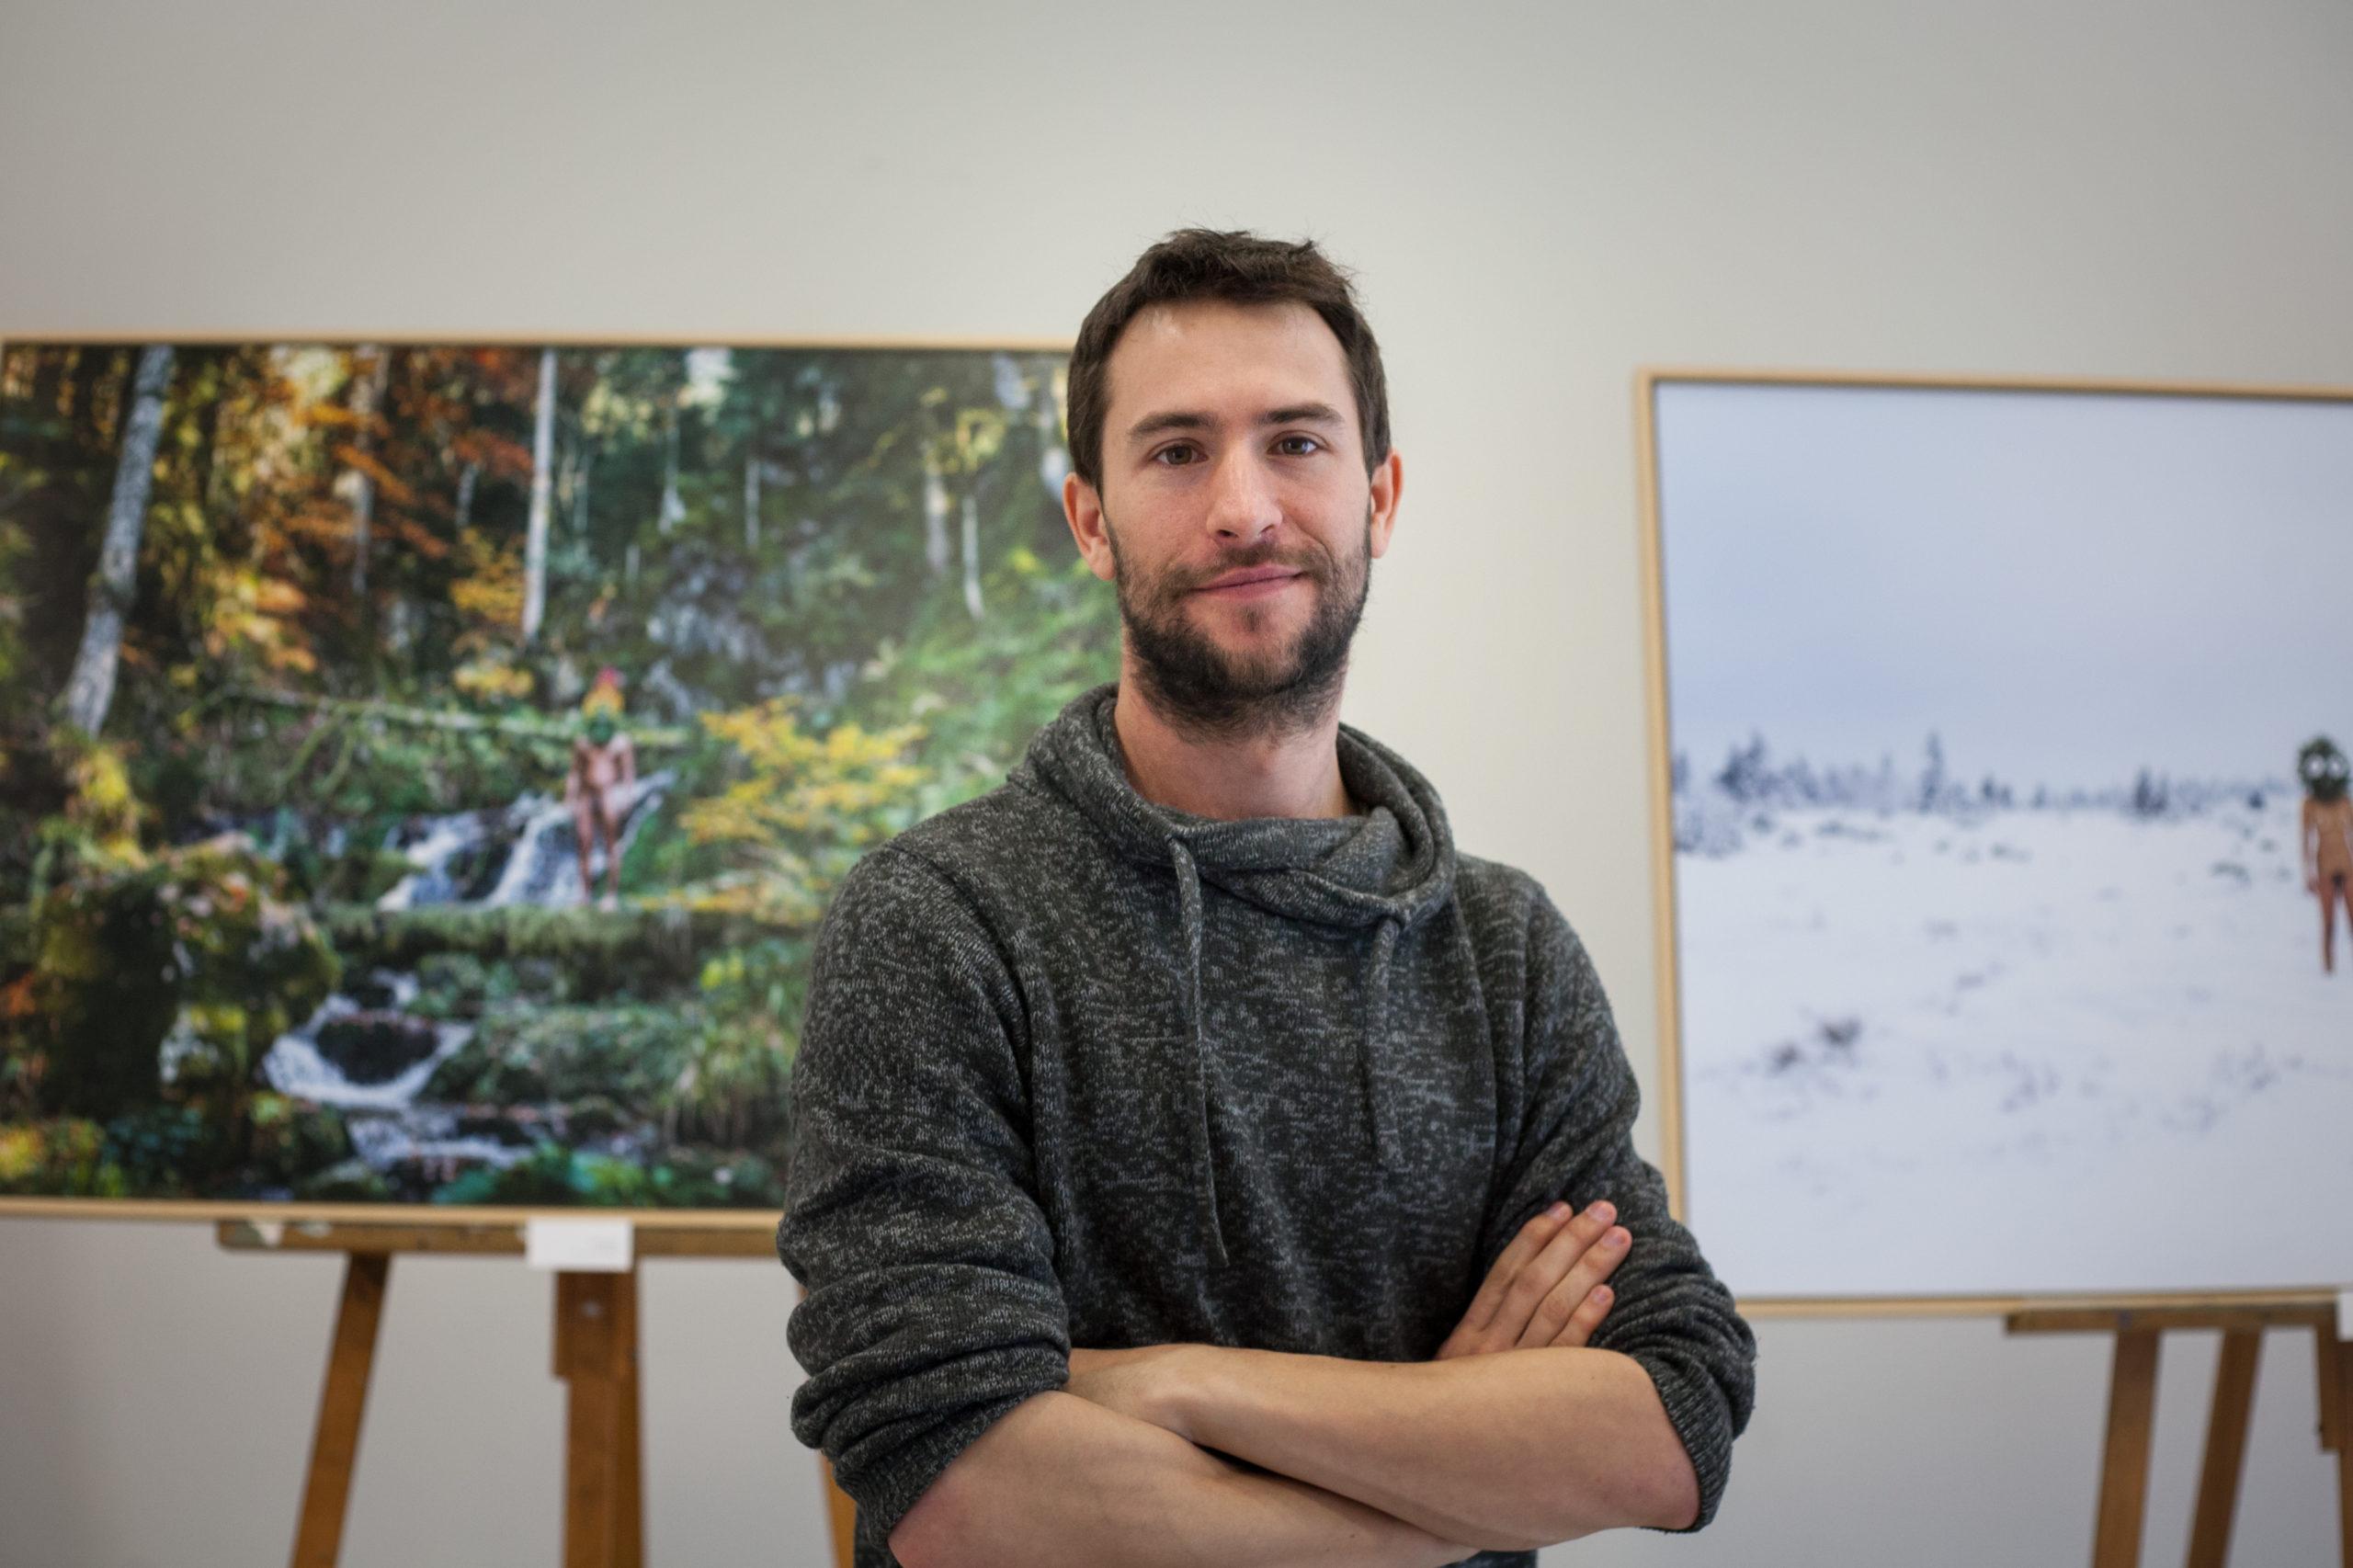 Hugo Mairelle, artiste plasticien engagé pour la préservation et la défense de la biodiversité en Alsace et dans les Vosges